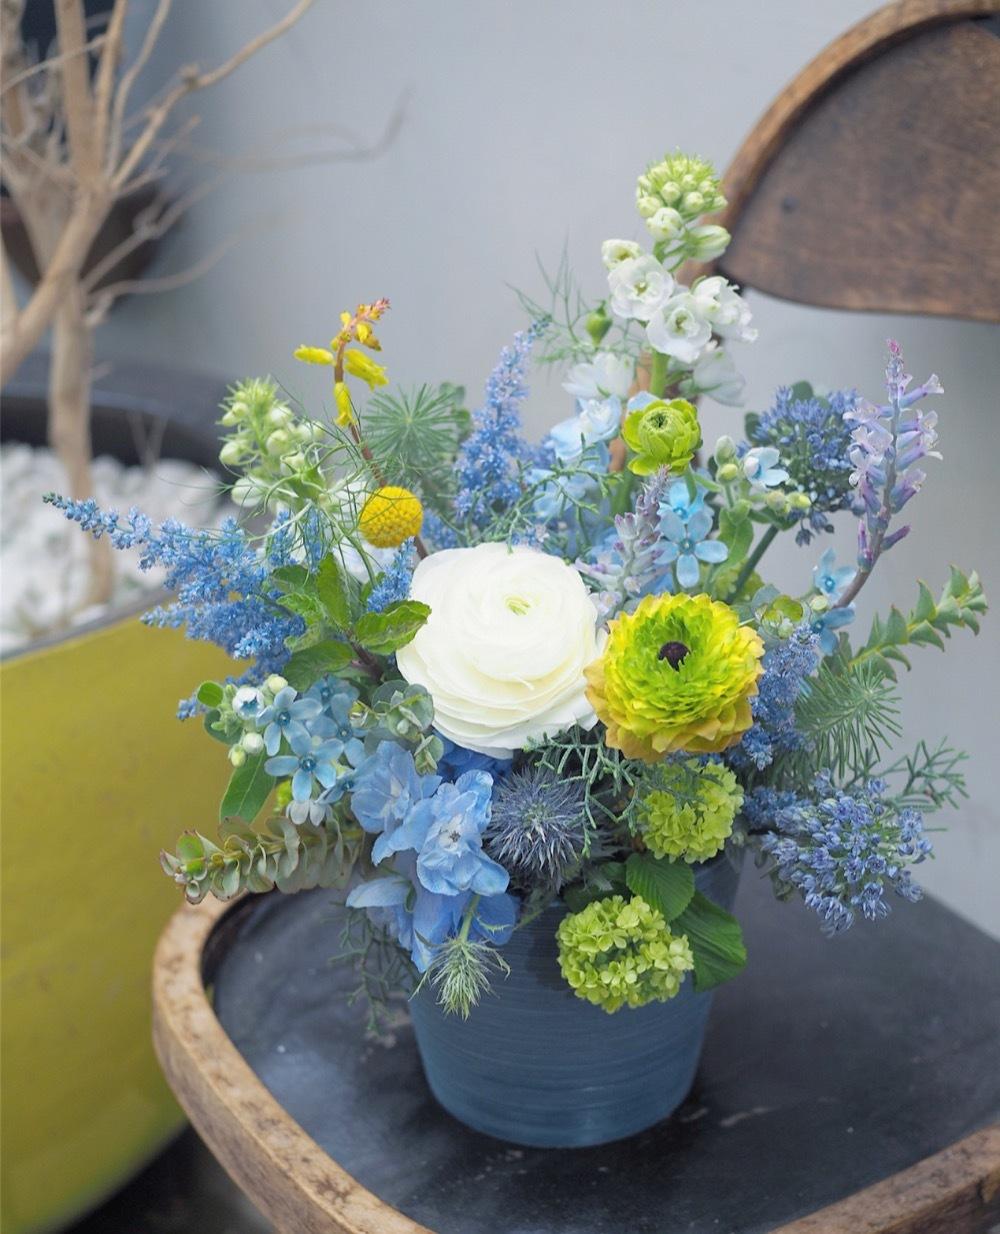 「活力や癒しにしていただけるようなお花を」海をイメージした周年お祝い花